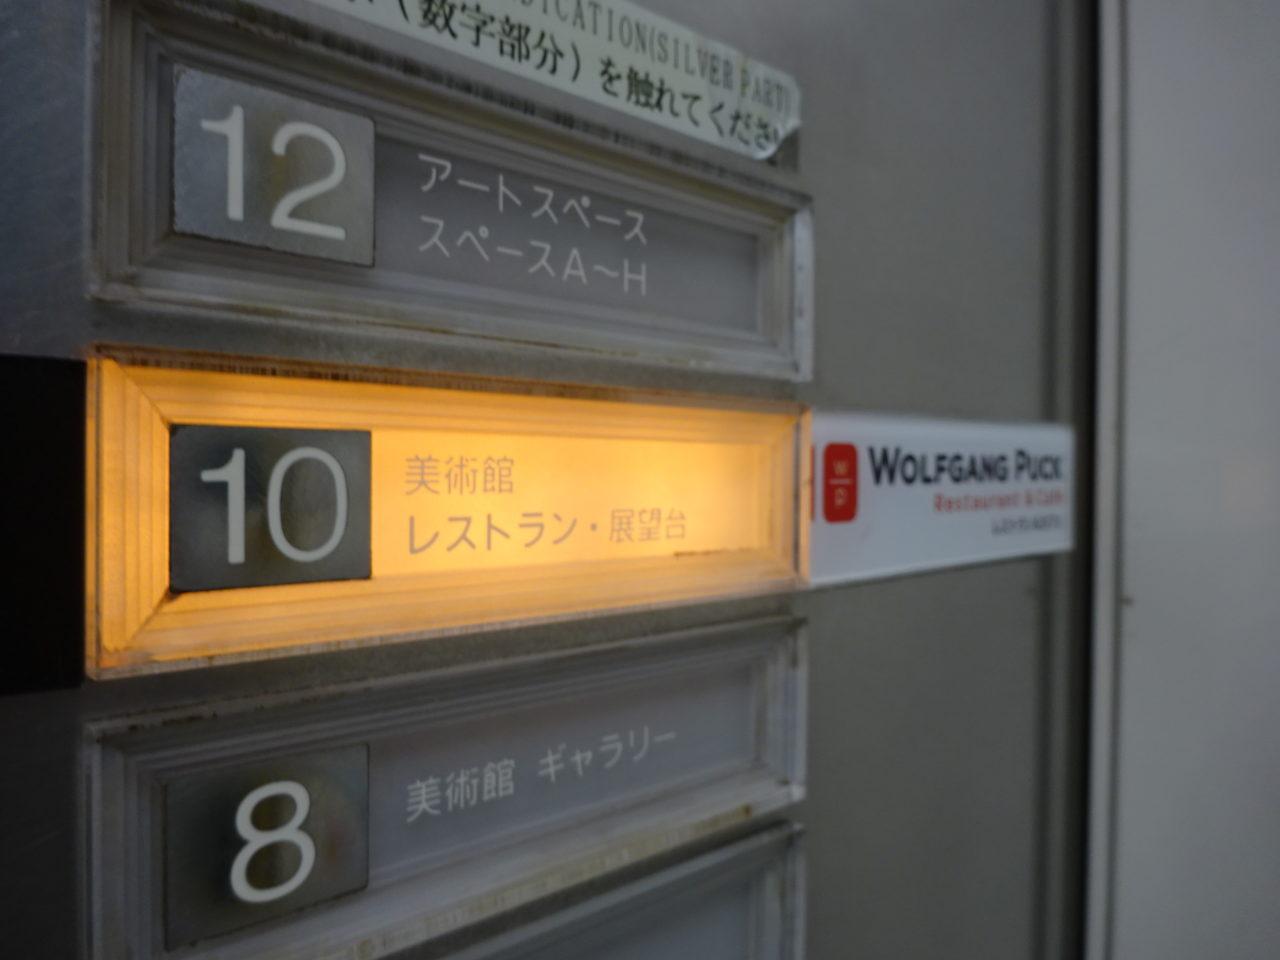 愛知県芸術文化センターエレベーター